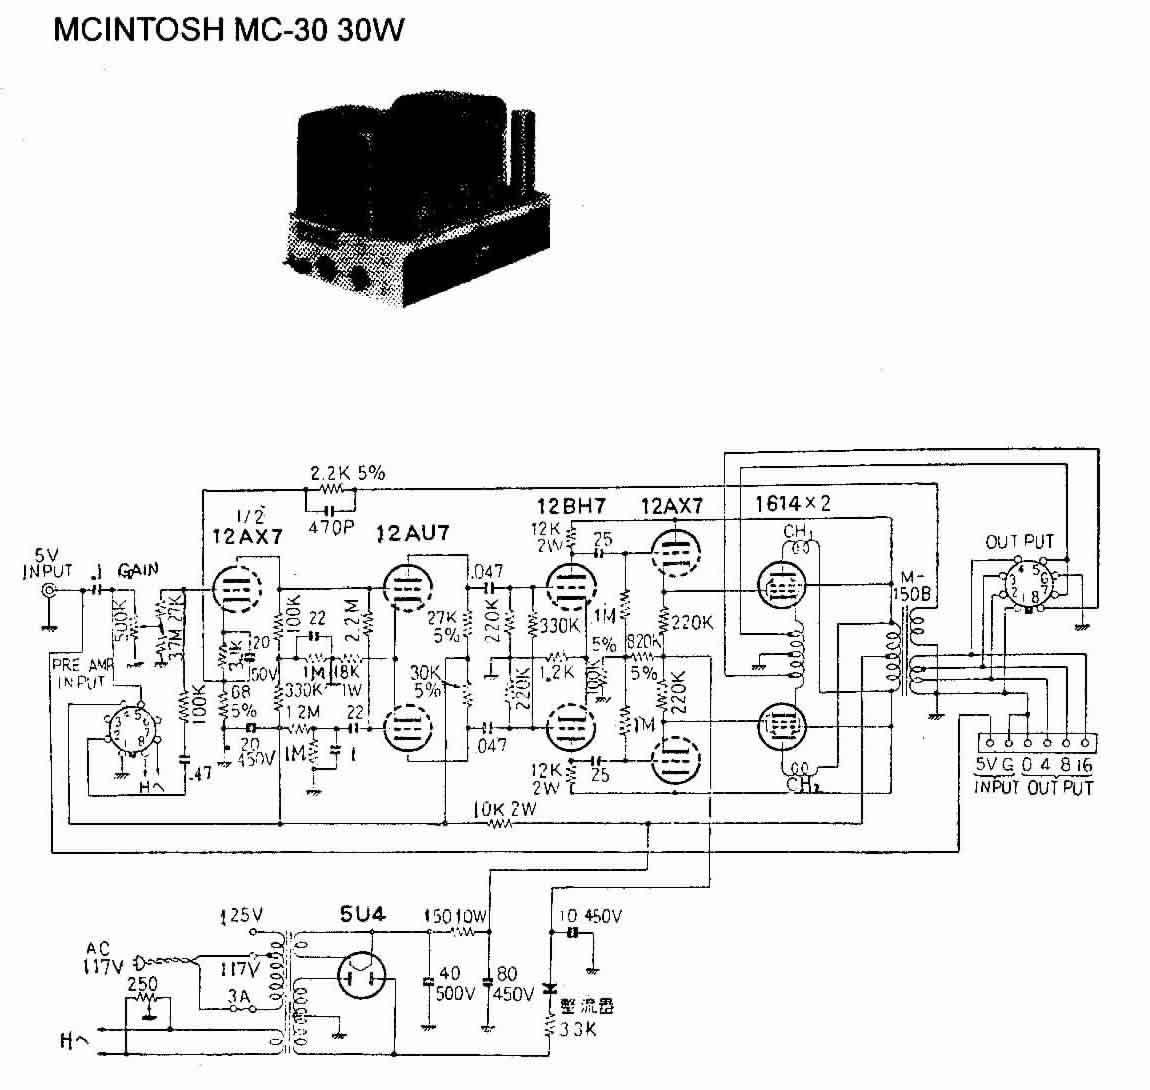 Twin Mc75 Refurb Project Next